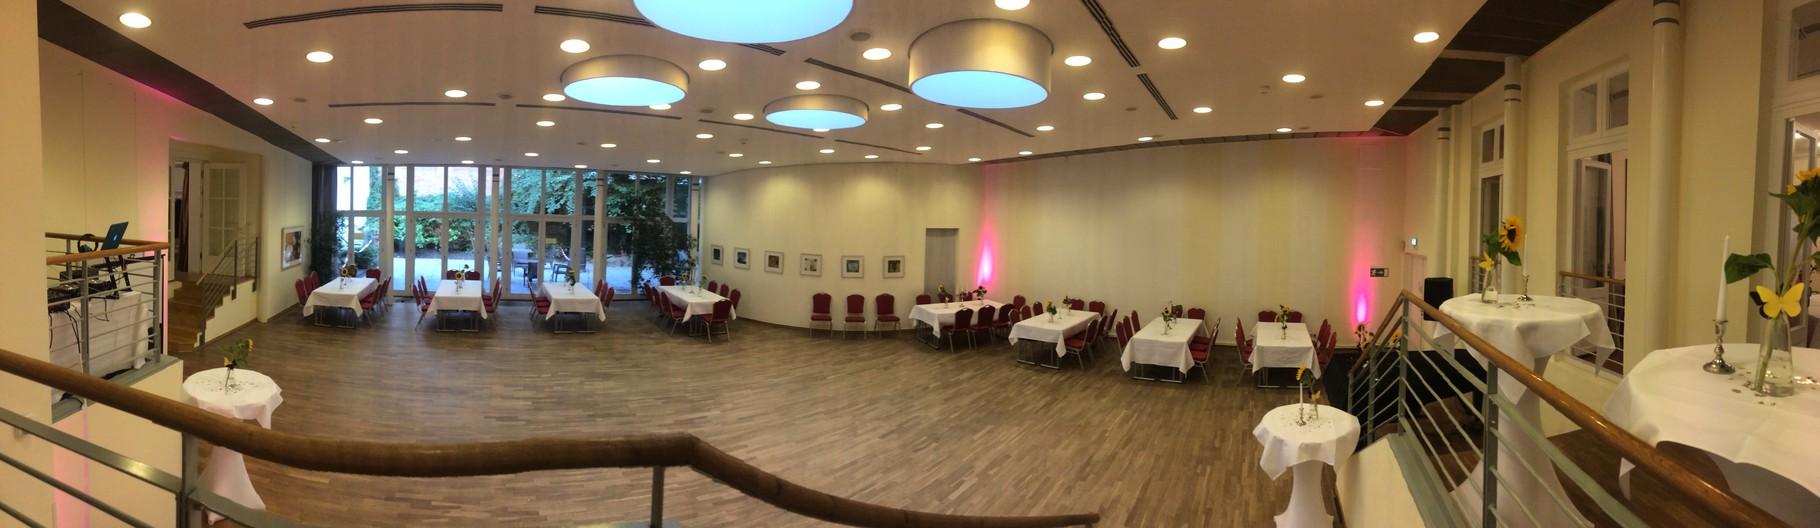 Gartensaal Baseler Hof (Pic by Denise Lau)